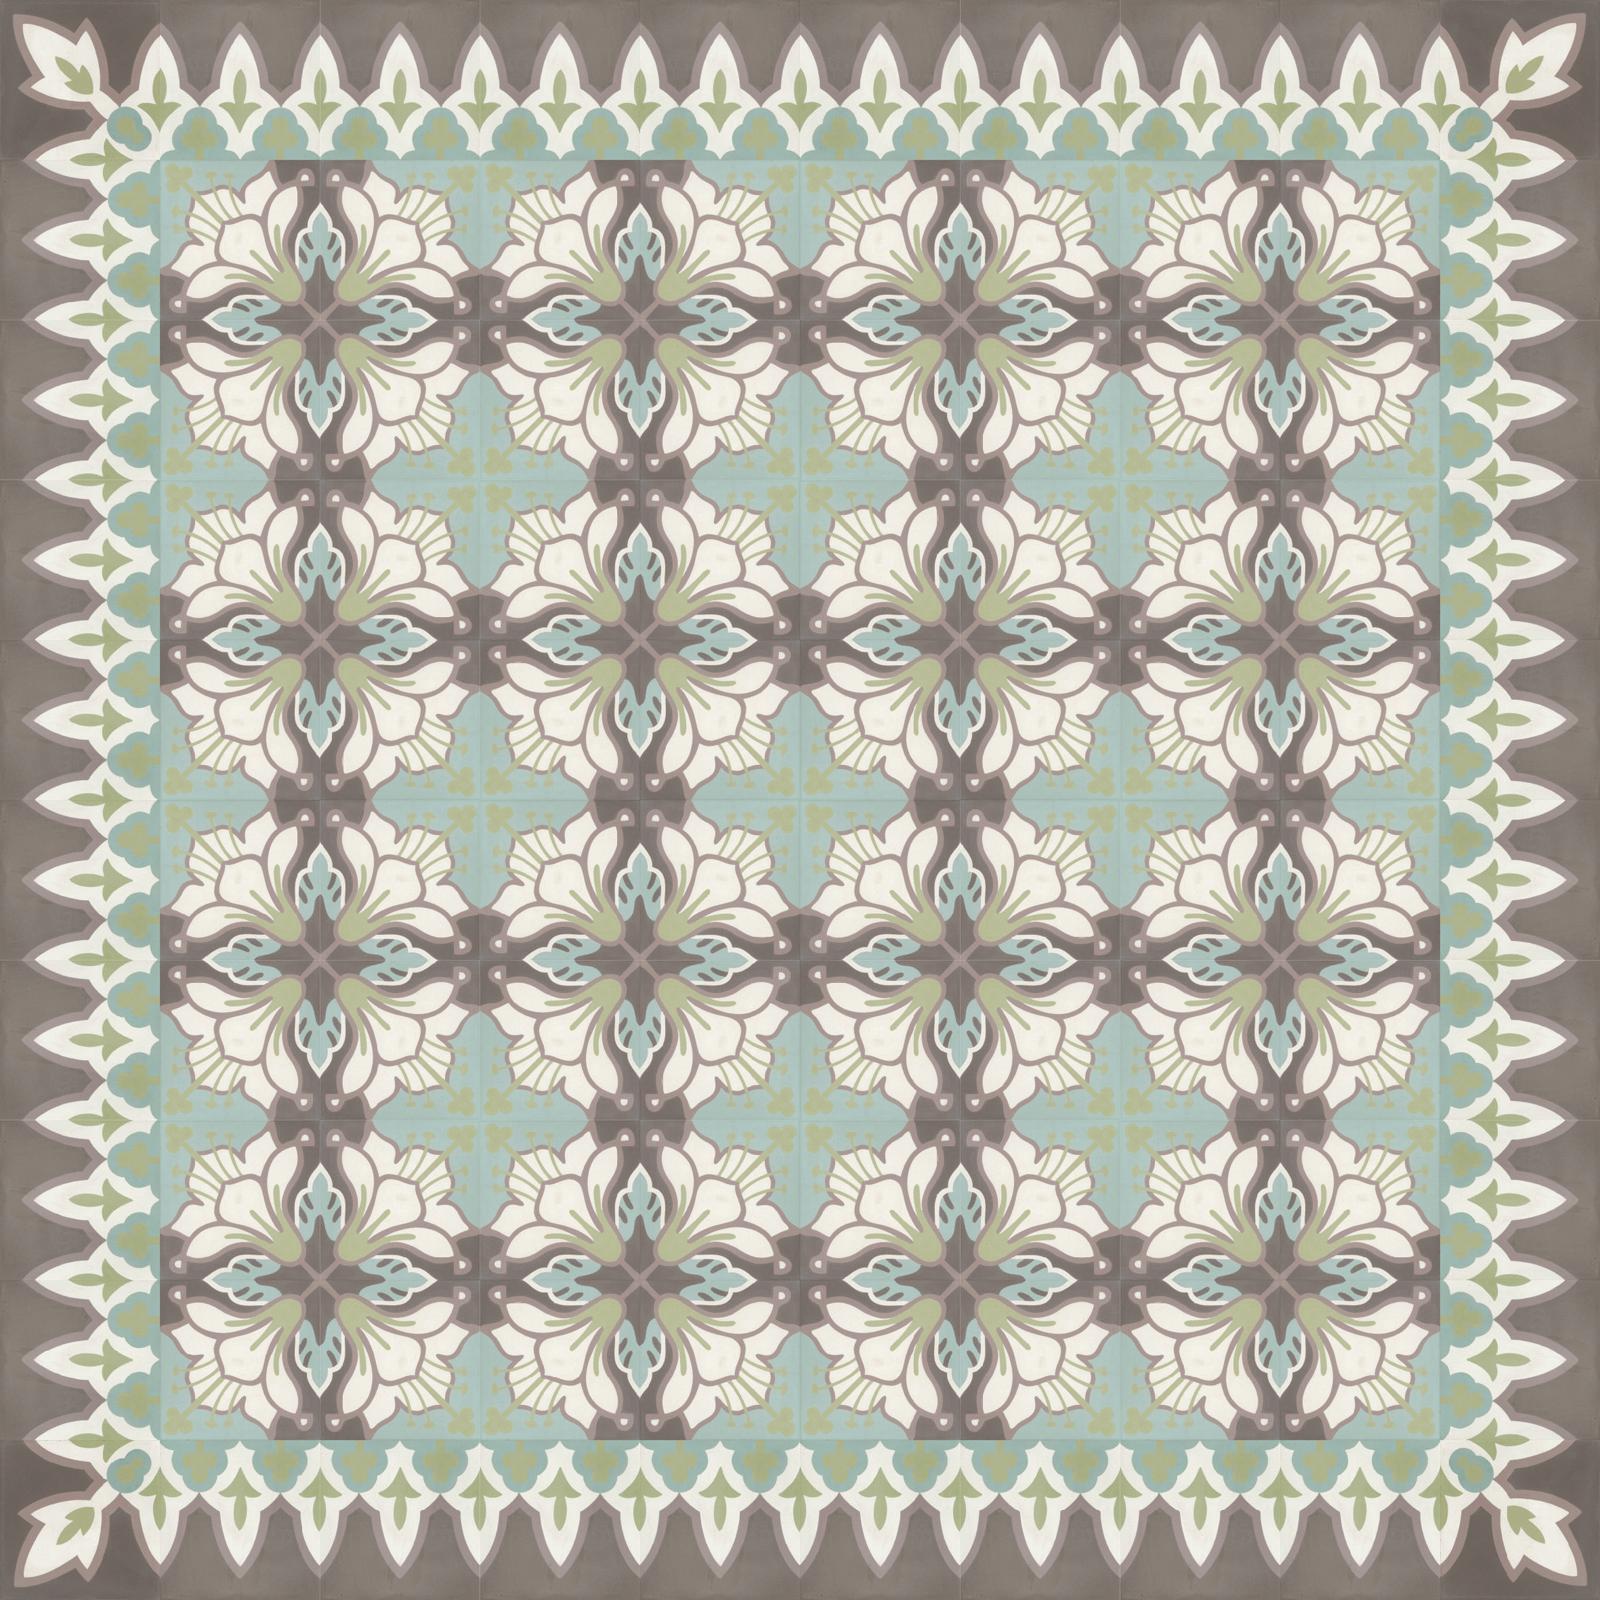 zementmosaikplatten-Verlegemuster-51138 -viaplatten | 51138